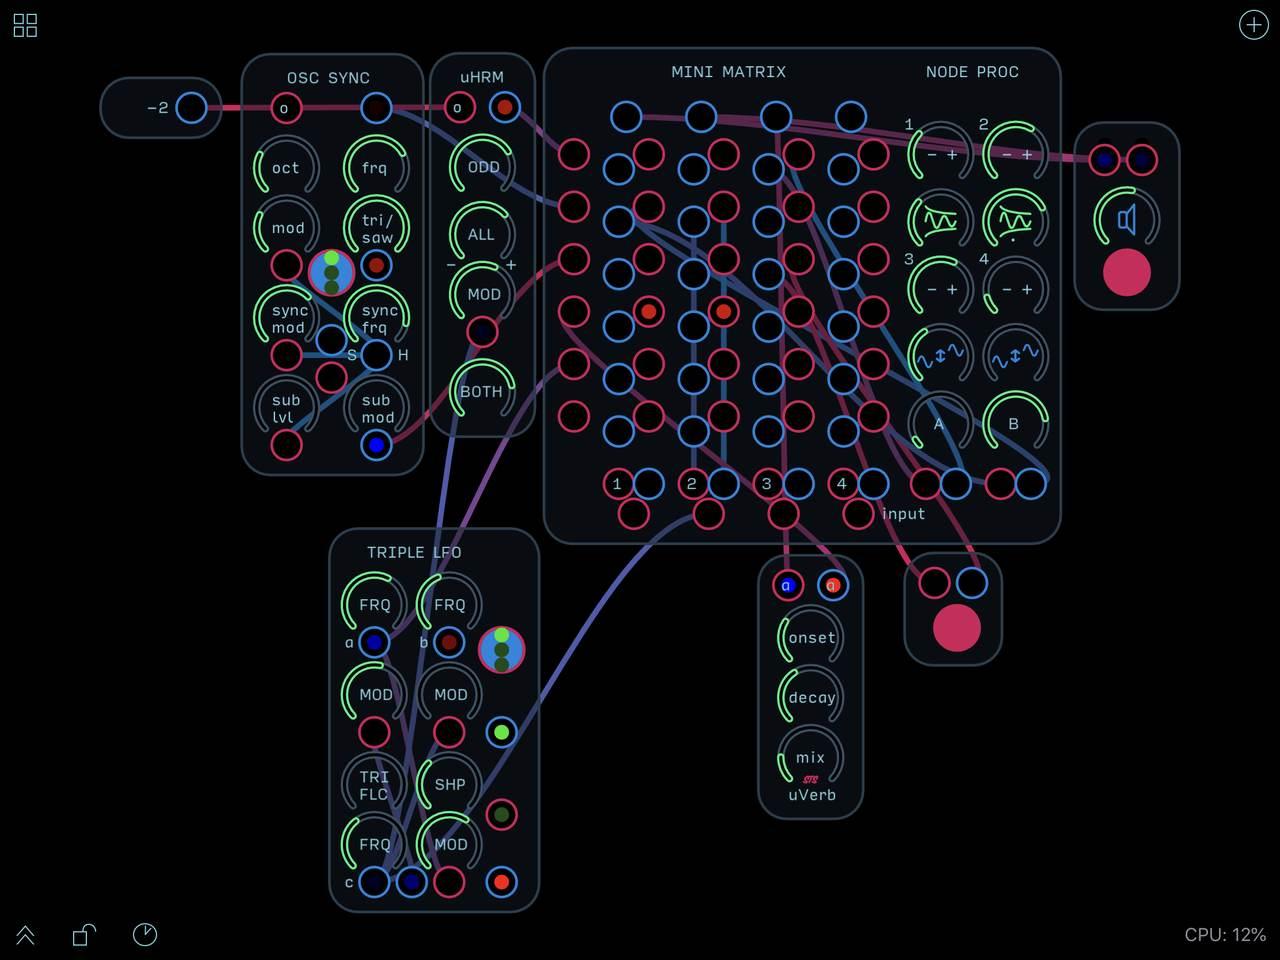 mini-matrix-node-proc